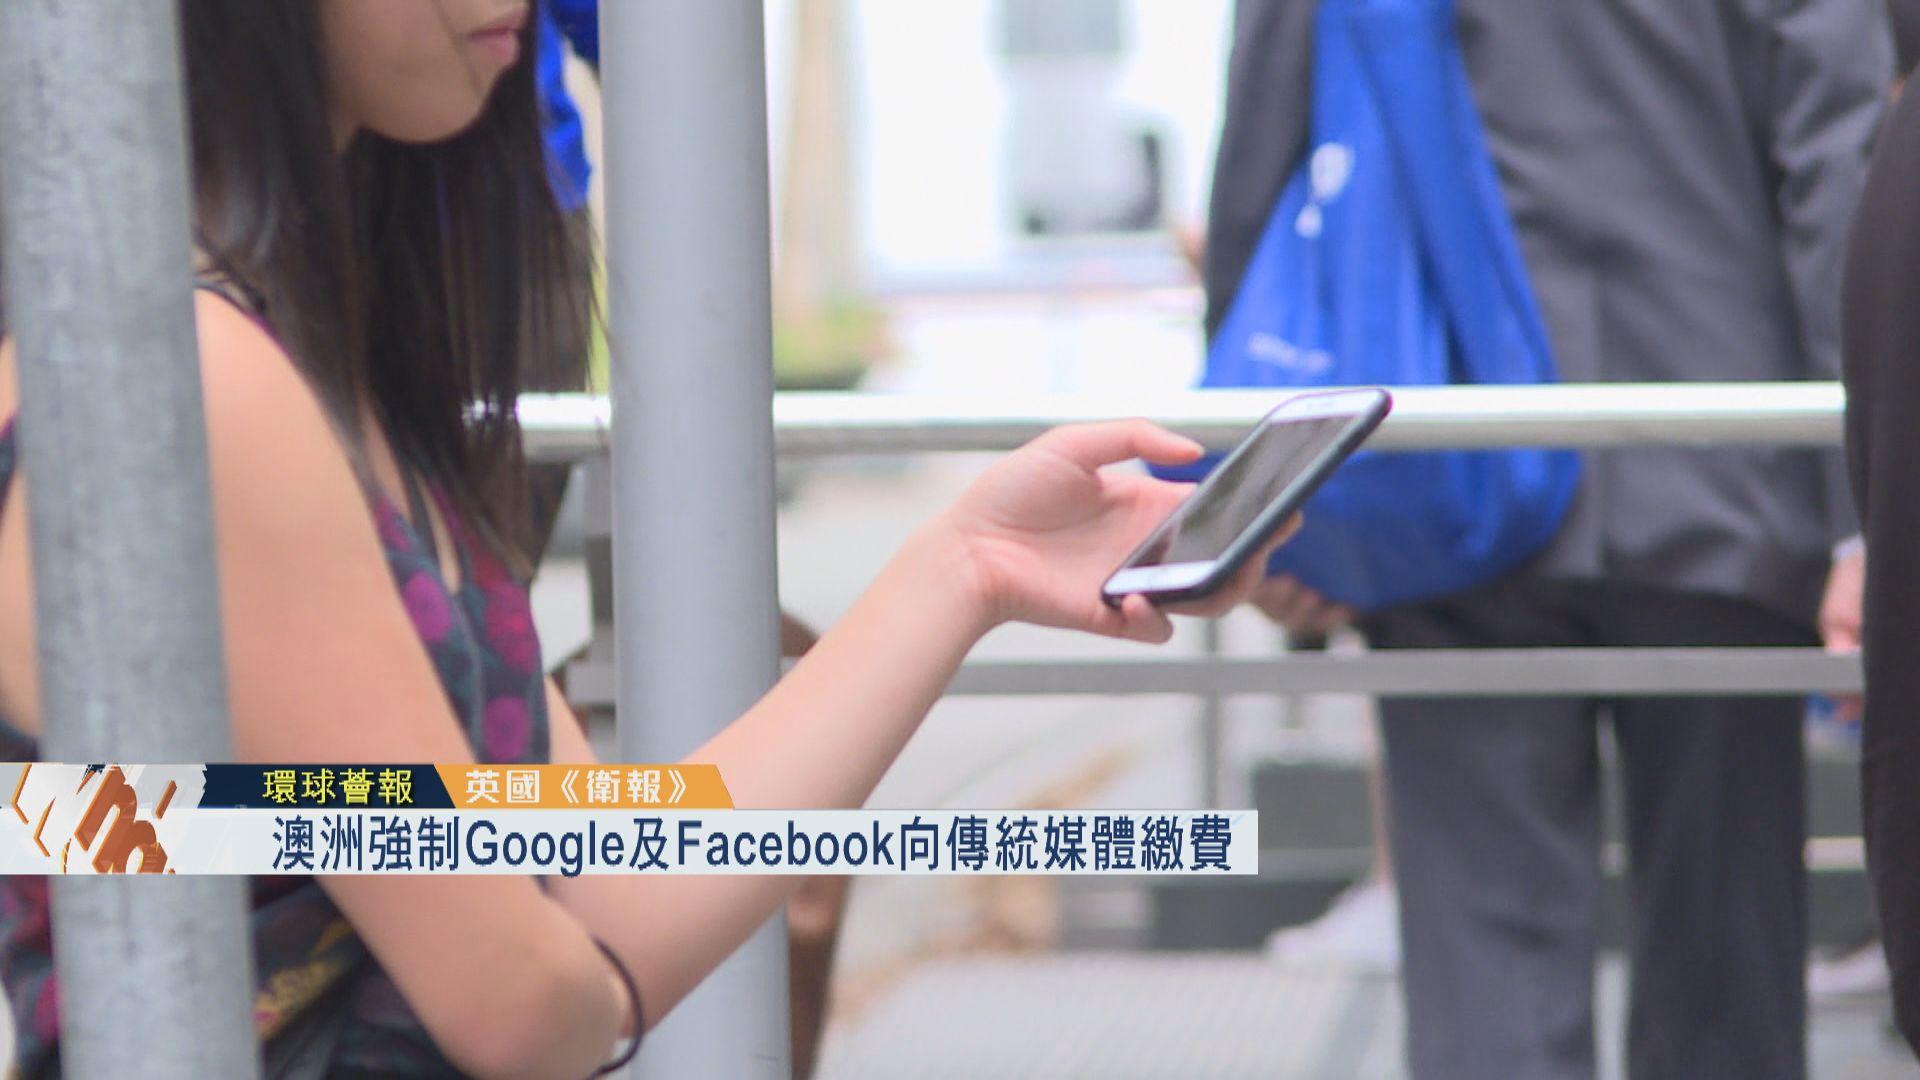 【環球薈報】澳洲強制Google Facebook向傳統媒體繳費